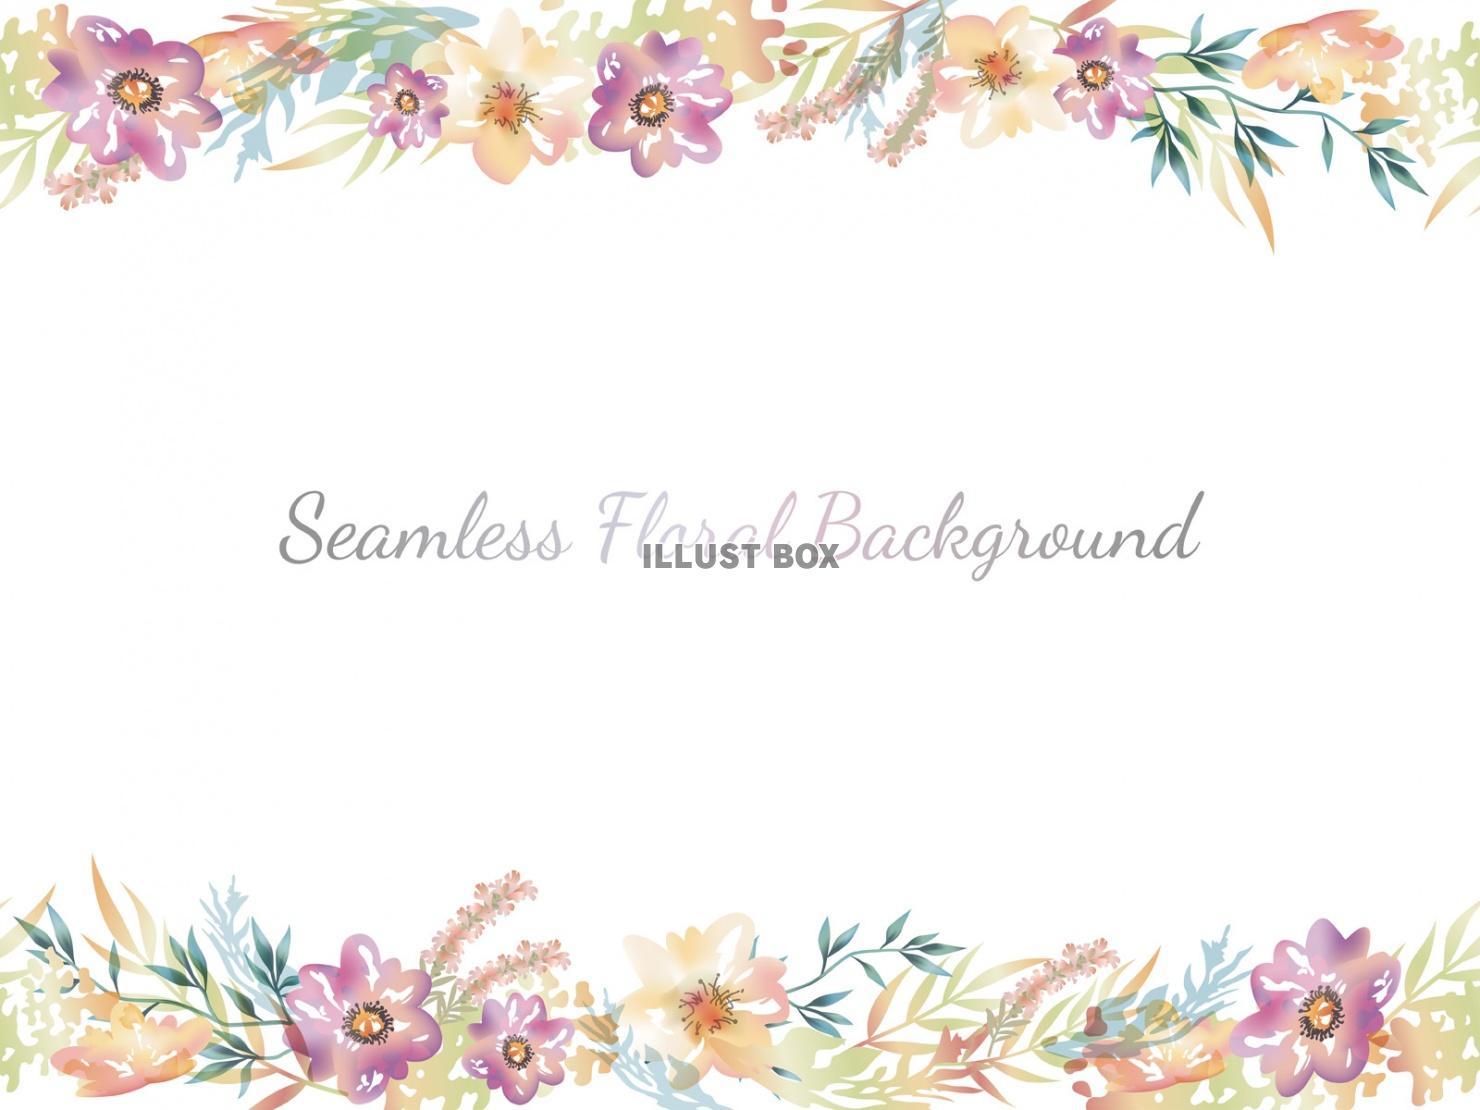 無料イラスト 水彩風 シームレスな花の背景